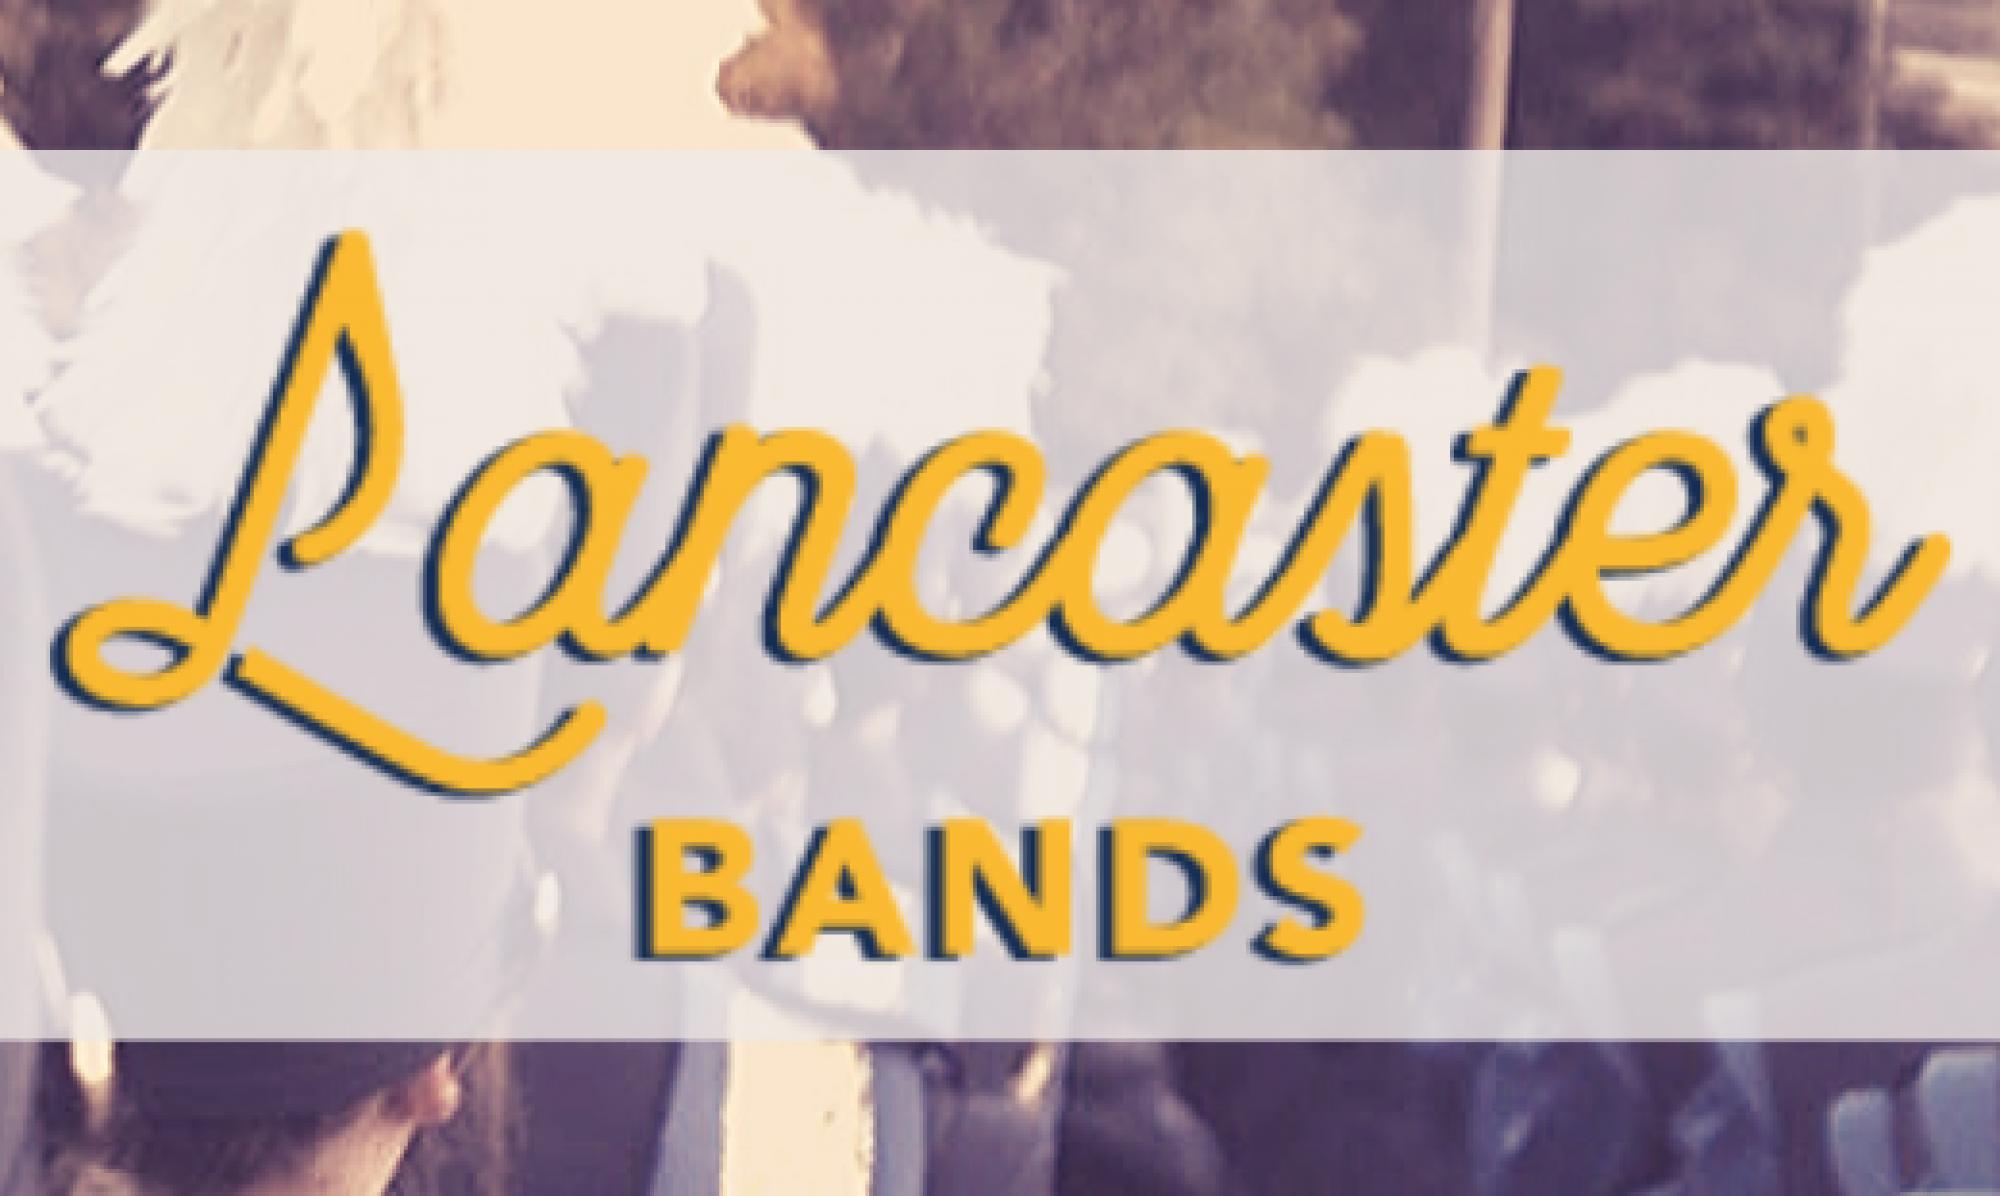 Lancaster Bands